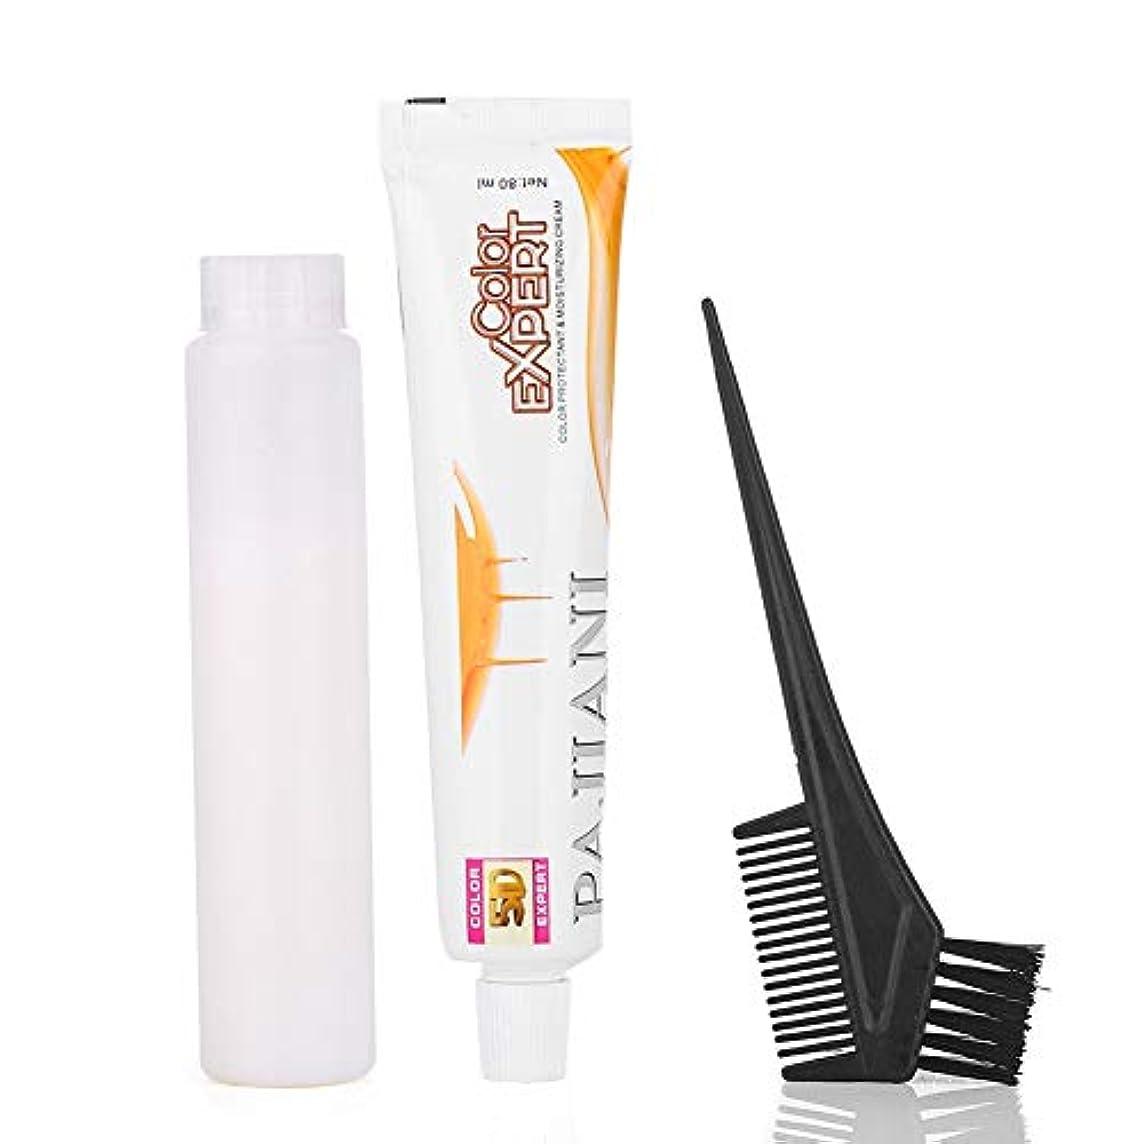 ベッドを作る妻ぜいたくヘアホワイトニングクリーム、ヘアブリーチングパウダー80ml /個ヘアホワイトニングクリームヘアダイクリームブリーチング理髪ツール